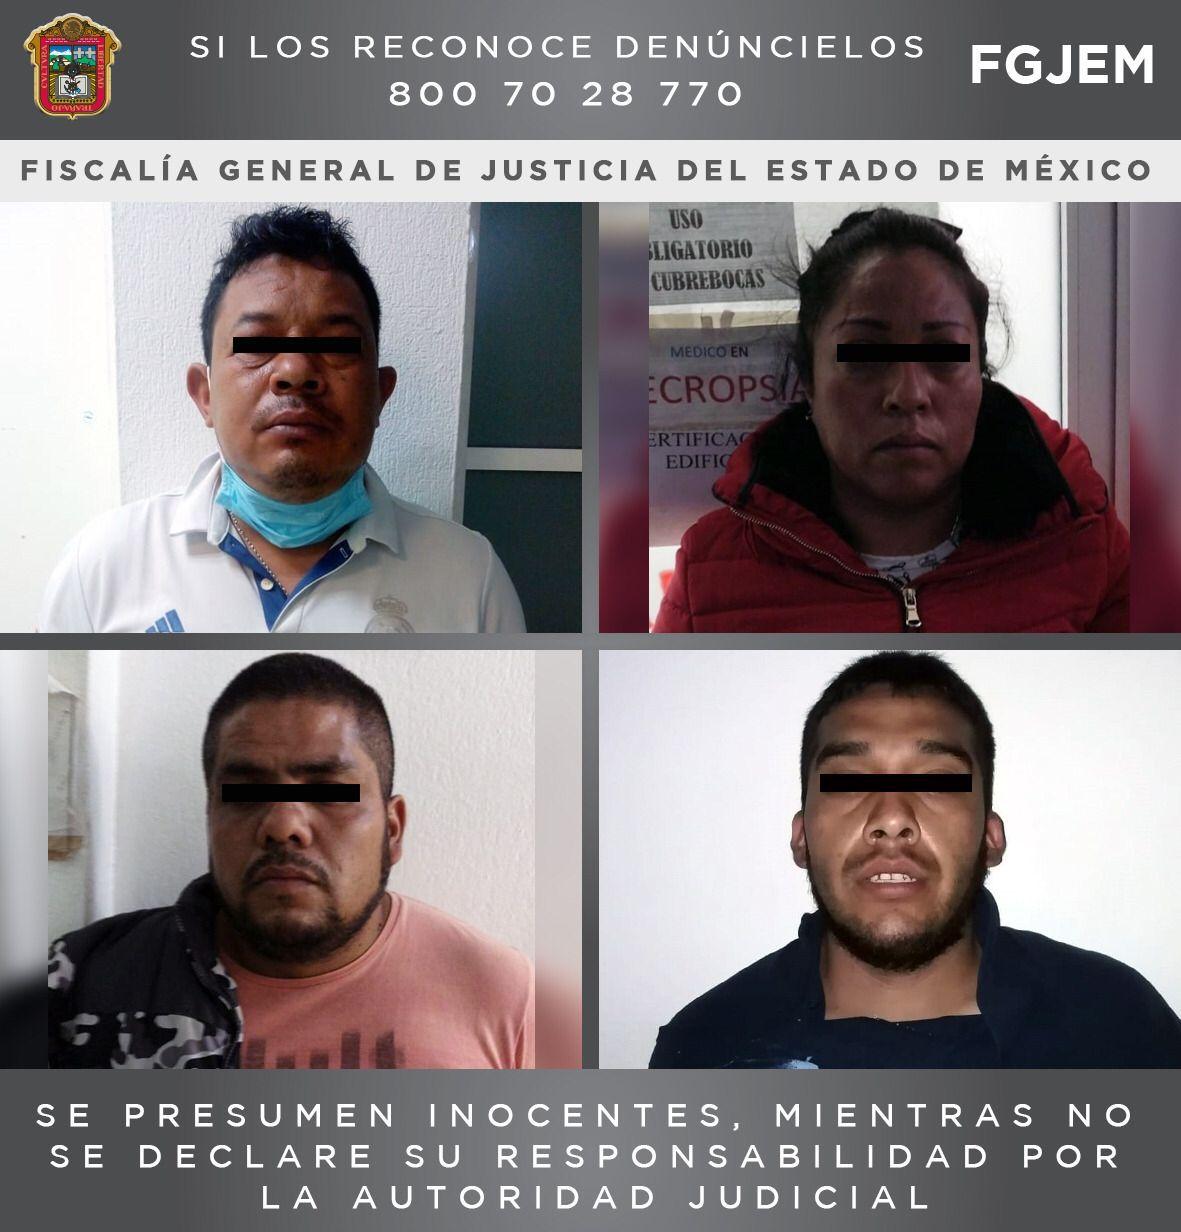 DETIENEN A CUATRO SUJETOS DE UNA BANDA DELICTIVA DEDICADA AL ROBO DE VEHÍCULOS EN EL VALLE DE MÉXICO